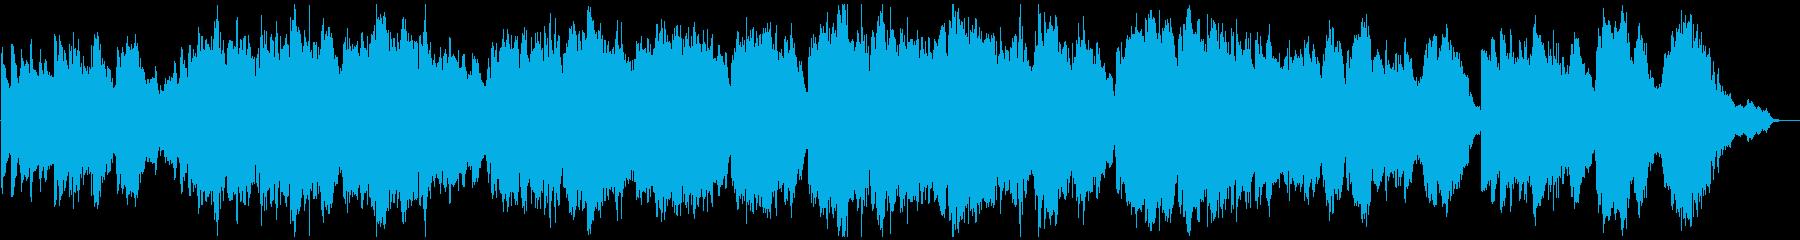 キラキラしたオルゴール風のヒーリング楽曲の再生済みの波形